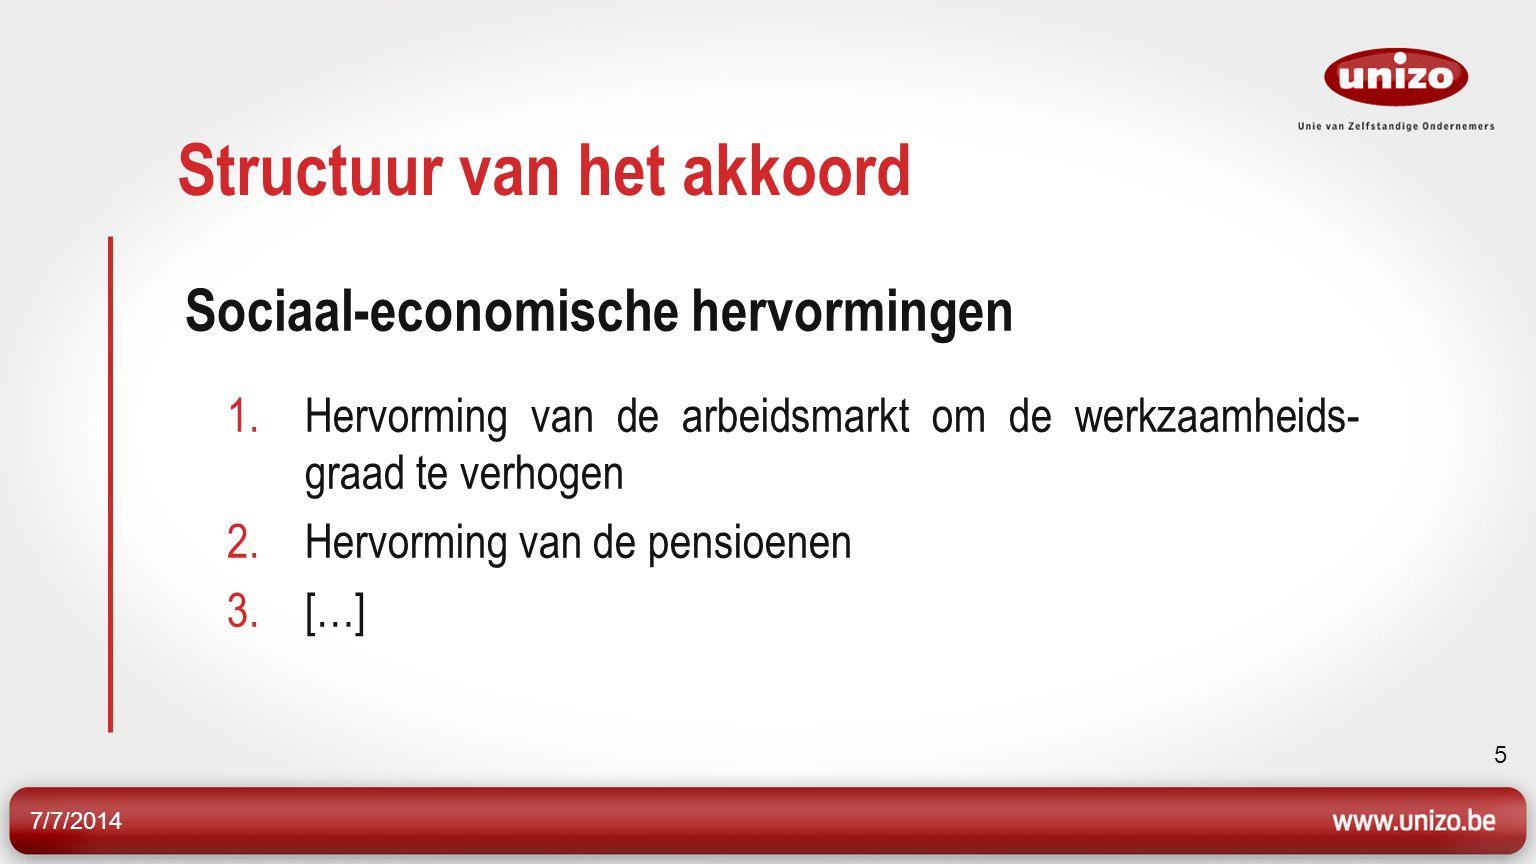 7/7/2014 5 Structuur van het akkoord Sociaal-economische hervormingen 1.Hervorming van de arbeidsmarkt om de werkzaamheids- graad te verhogen 2.Hervorming van de pensioenen 3.[…]